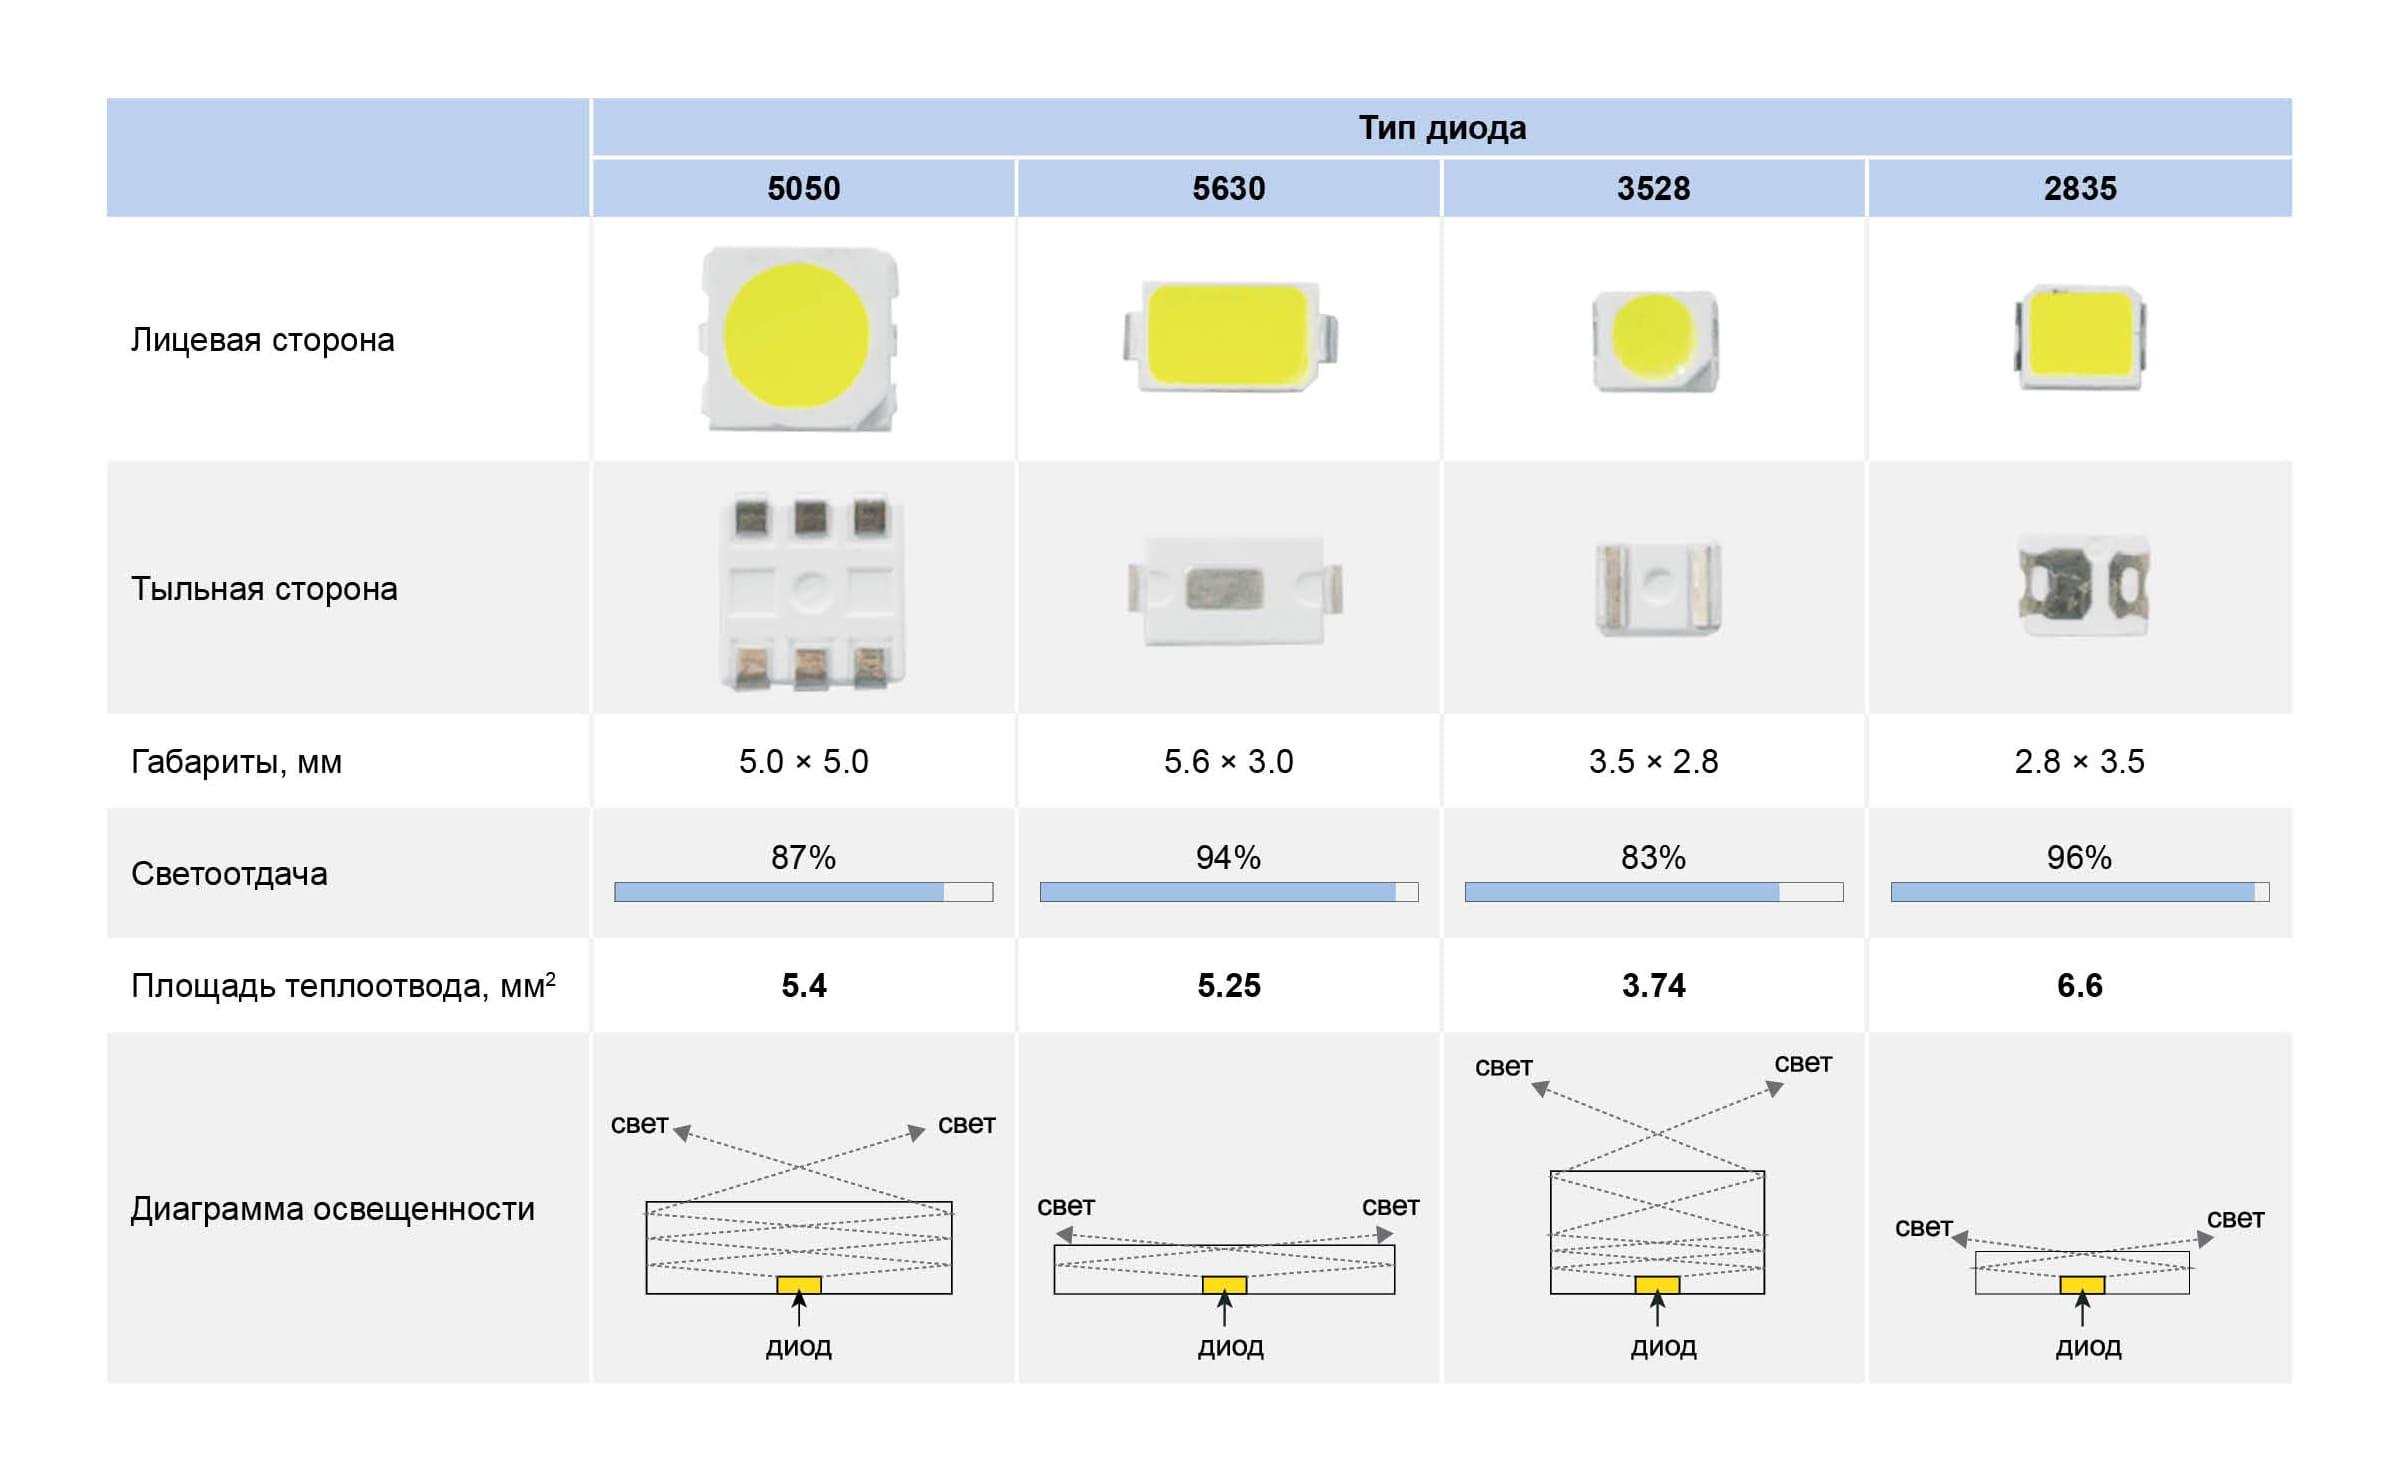 Сравнительная таблица наиболее распространённые диодов, которые используются как источник света в светодиодных лампах